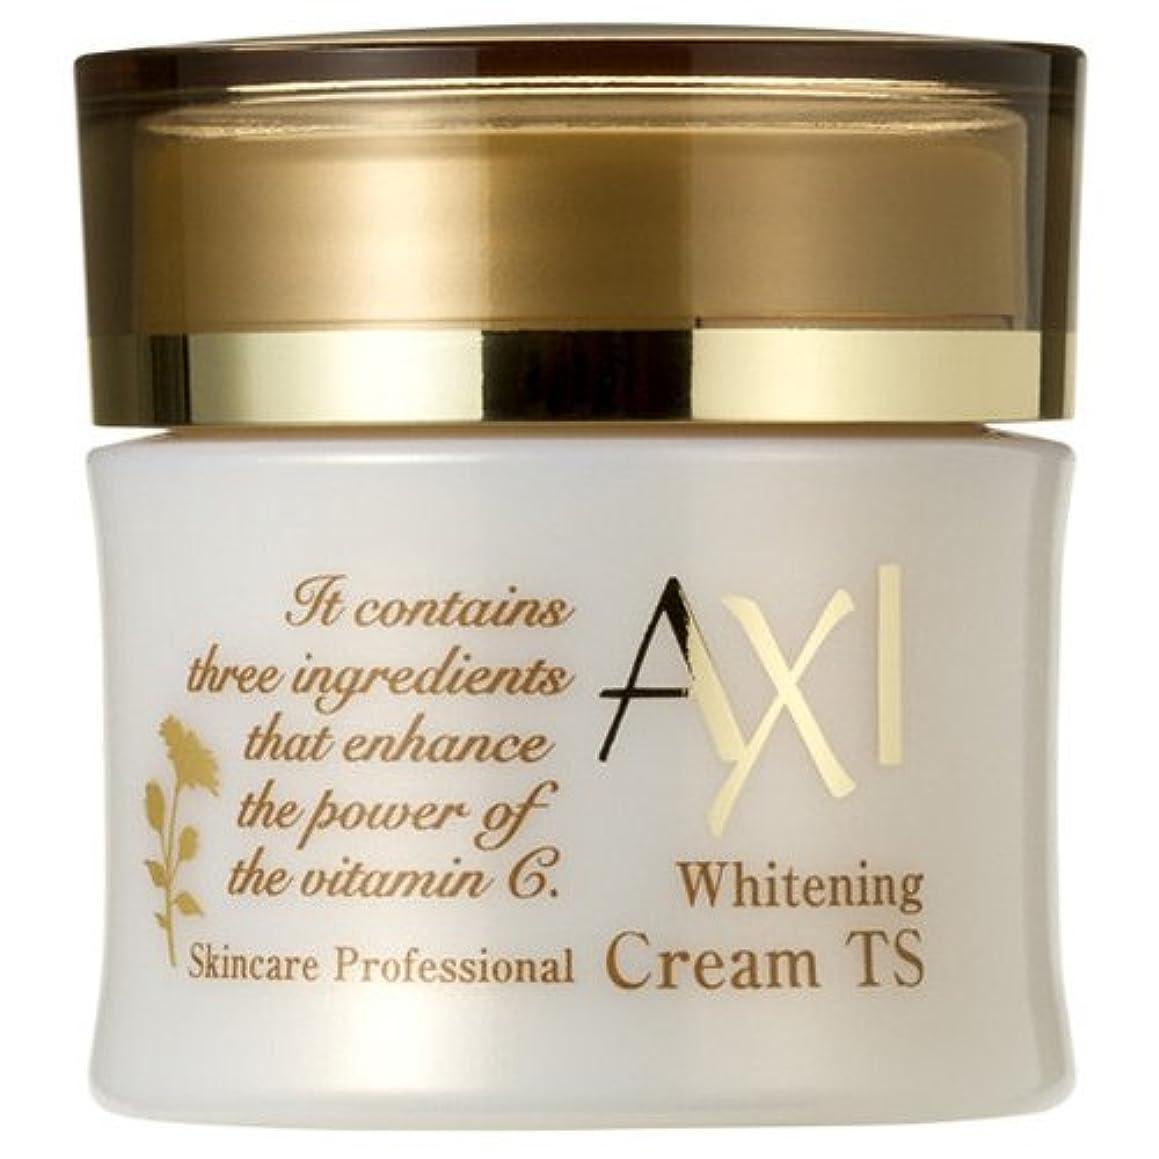 スクラッチ側瞑想的クオレ AXI ホワイトニング クリーム TS 35g 医薬部外品